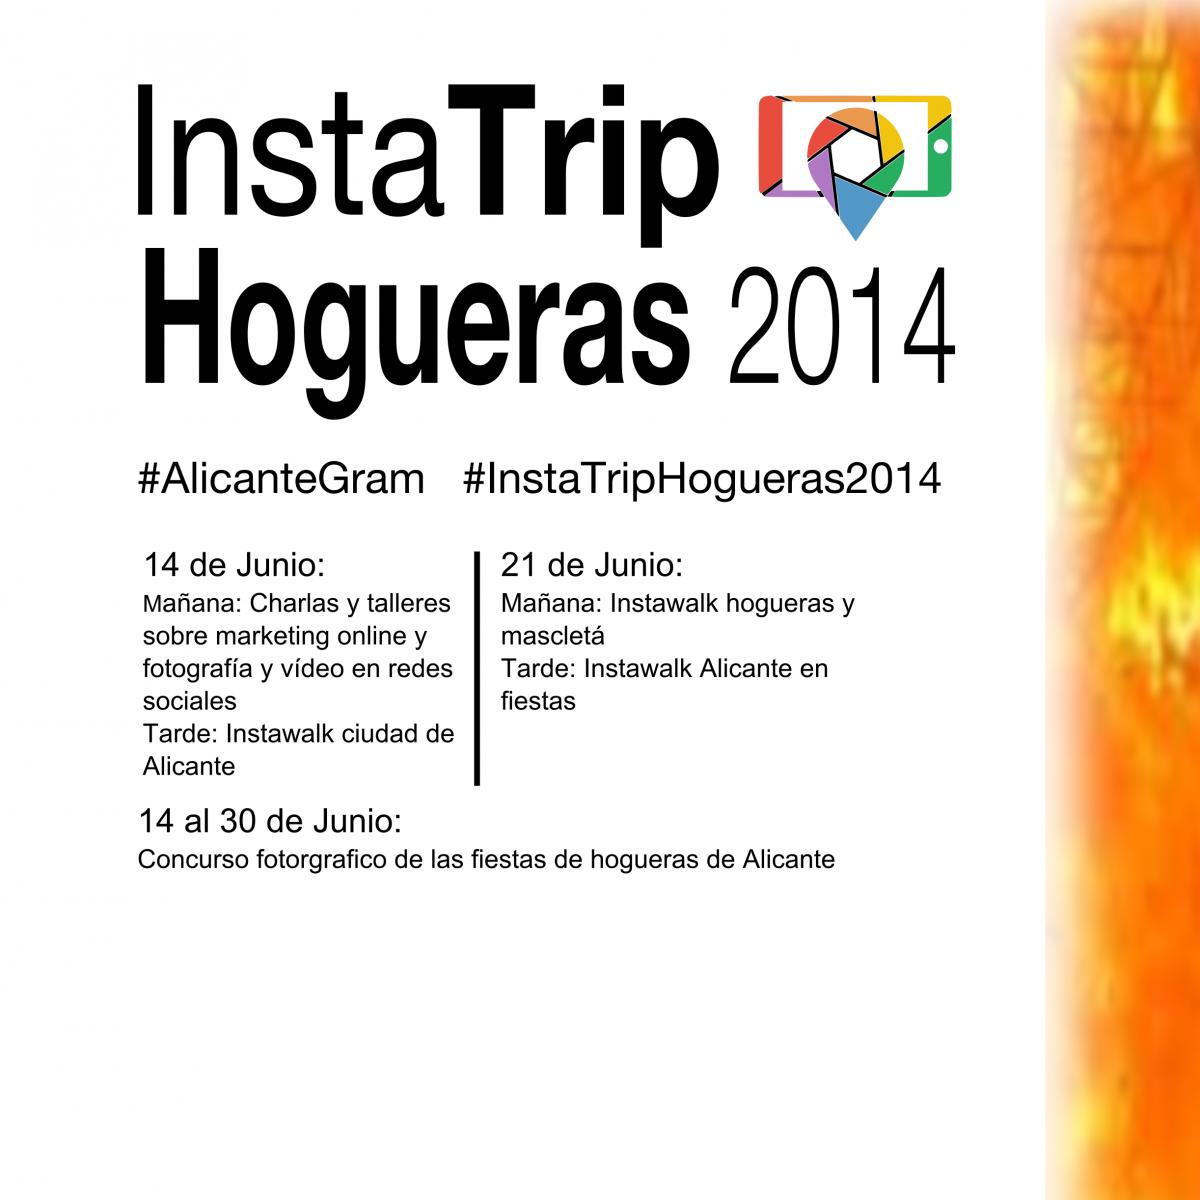 #InstaTripHogueras2014